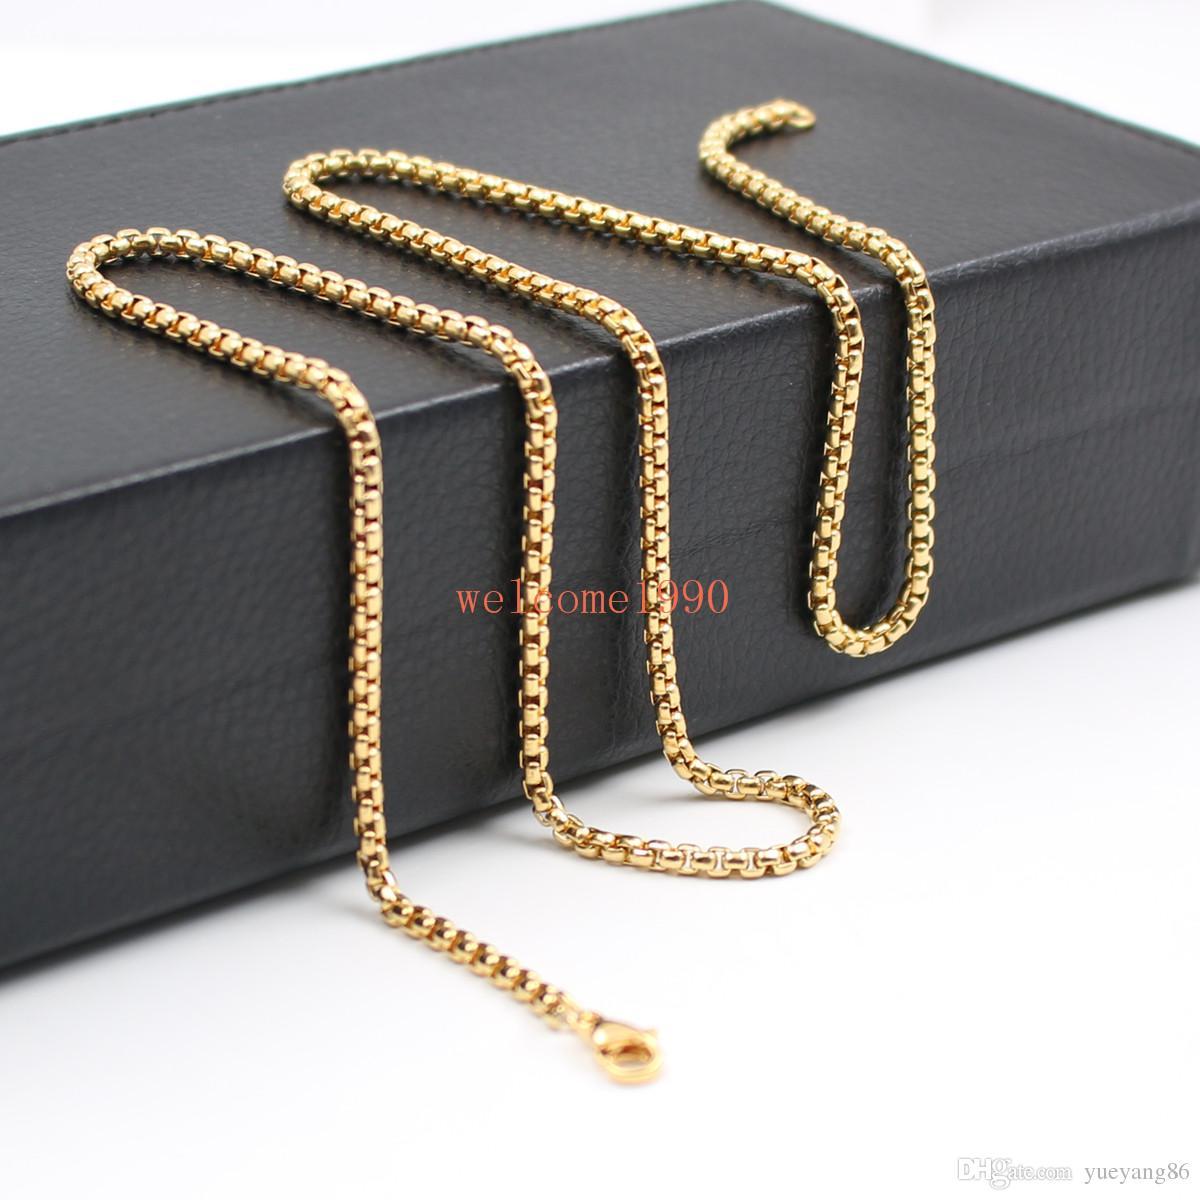 Commercio all'ingrosso monili larghi 3mm Box Rolo Collana a catena in acciaio inossidabile Moda uomo donna gioielli in argento / oro / nero 18 pollici-32 pollici